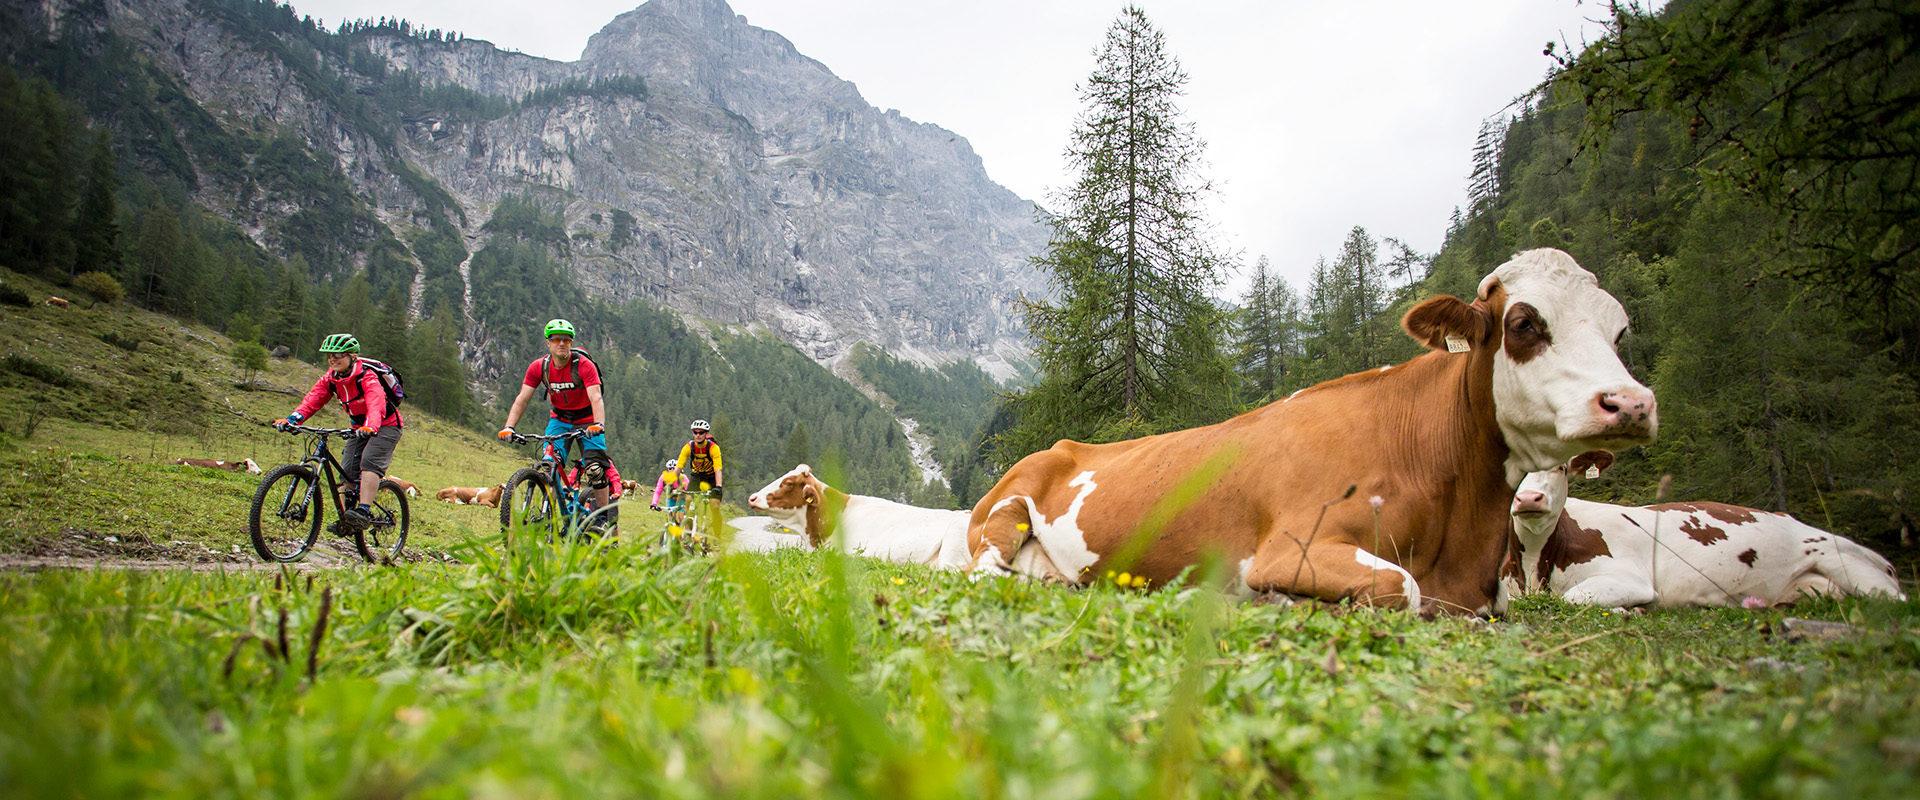 Mountainbikeer auf Almfläche fahren an grasenden Kühen vorbei mit Bergkulisse und Bergen.